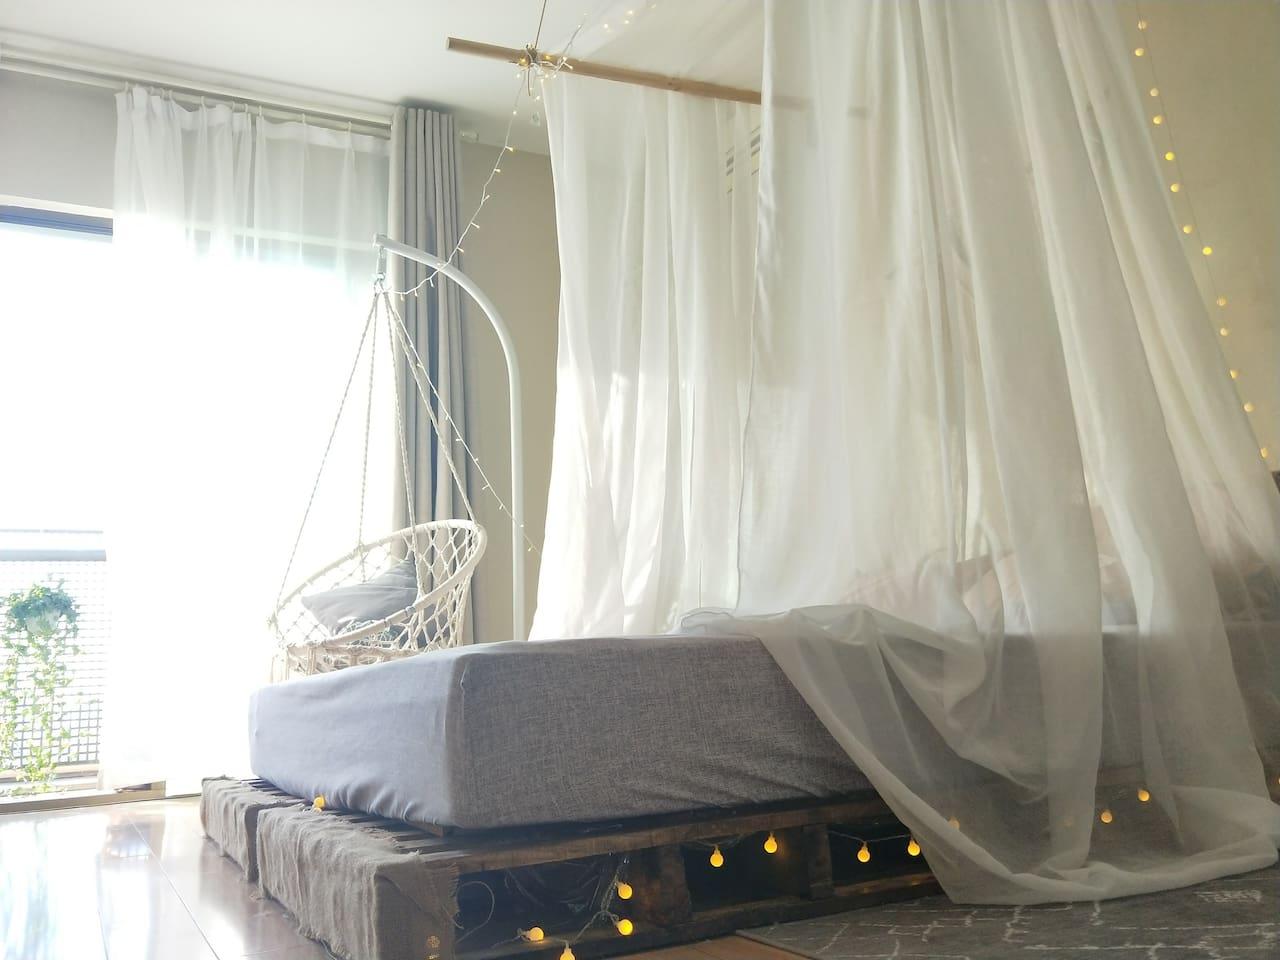 1.8米床,阳光超级好,到了下午可以洒在整张床上,整套房里,房东本人最喜欢的位置就是这里了